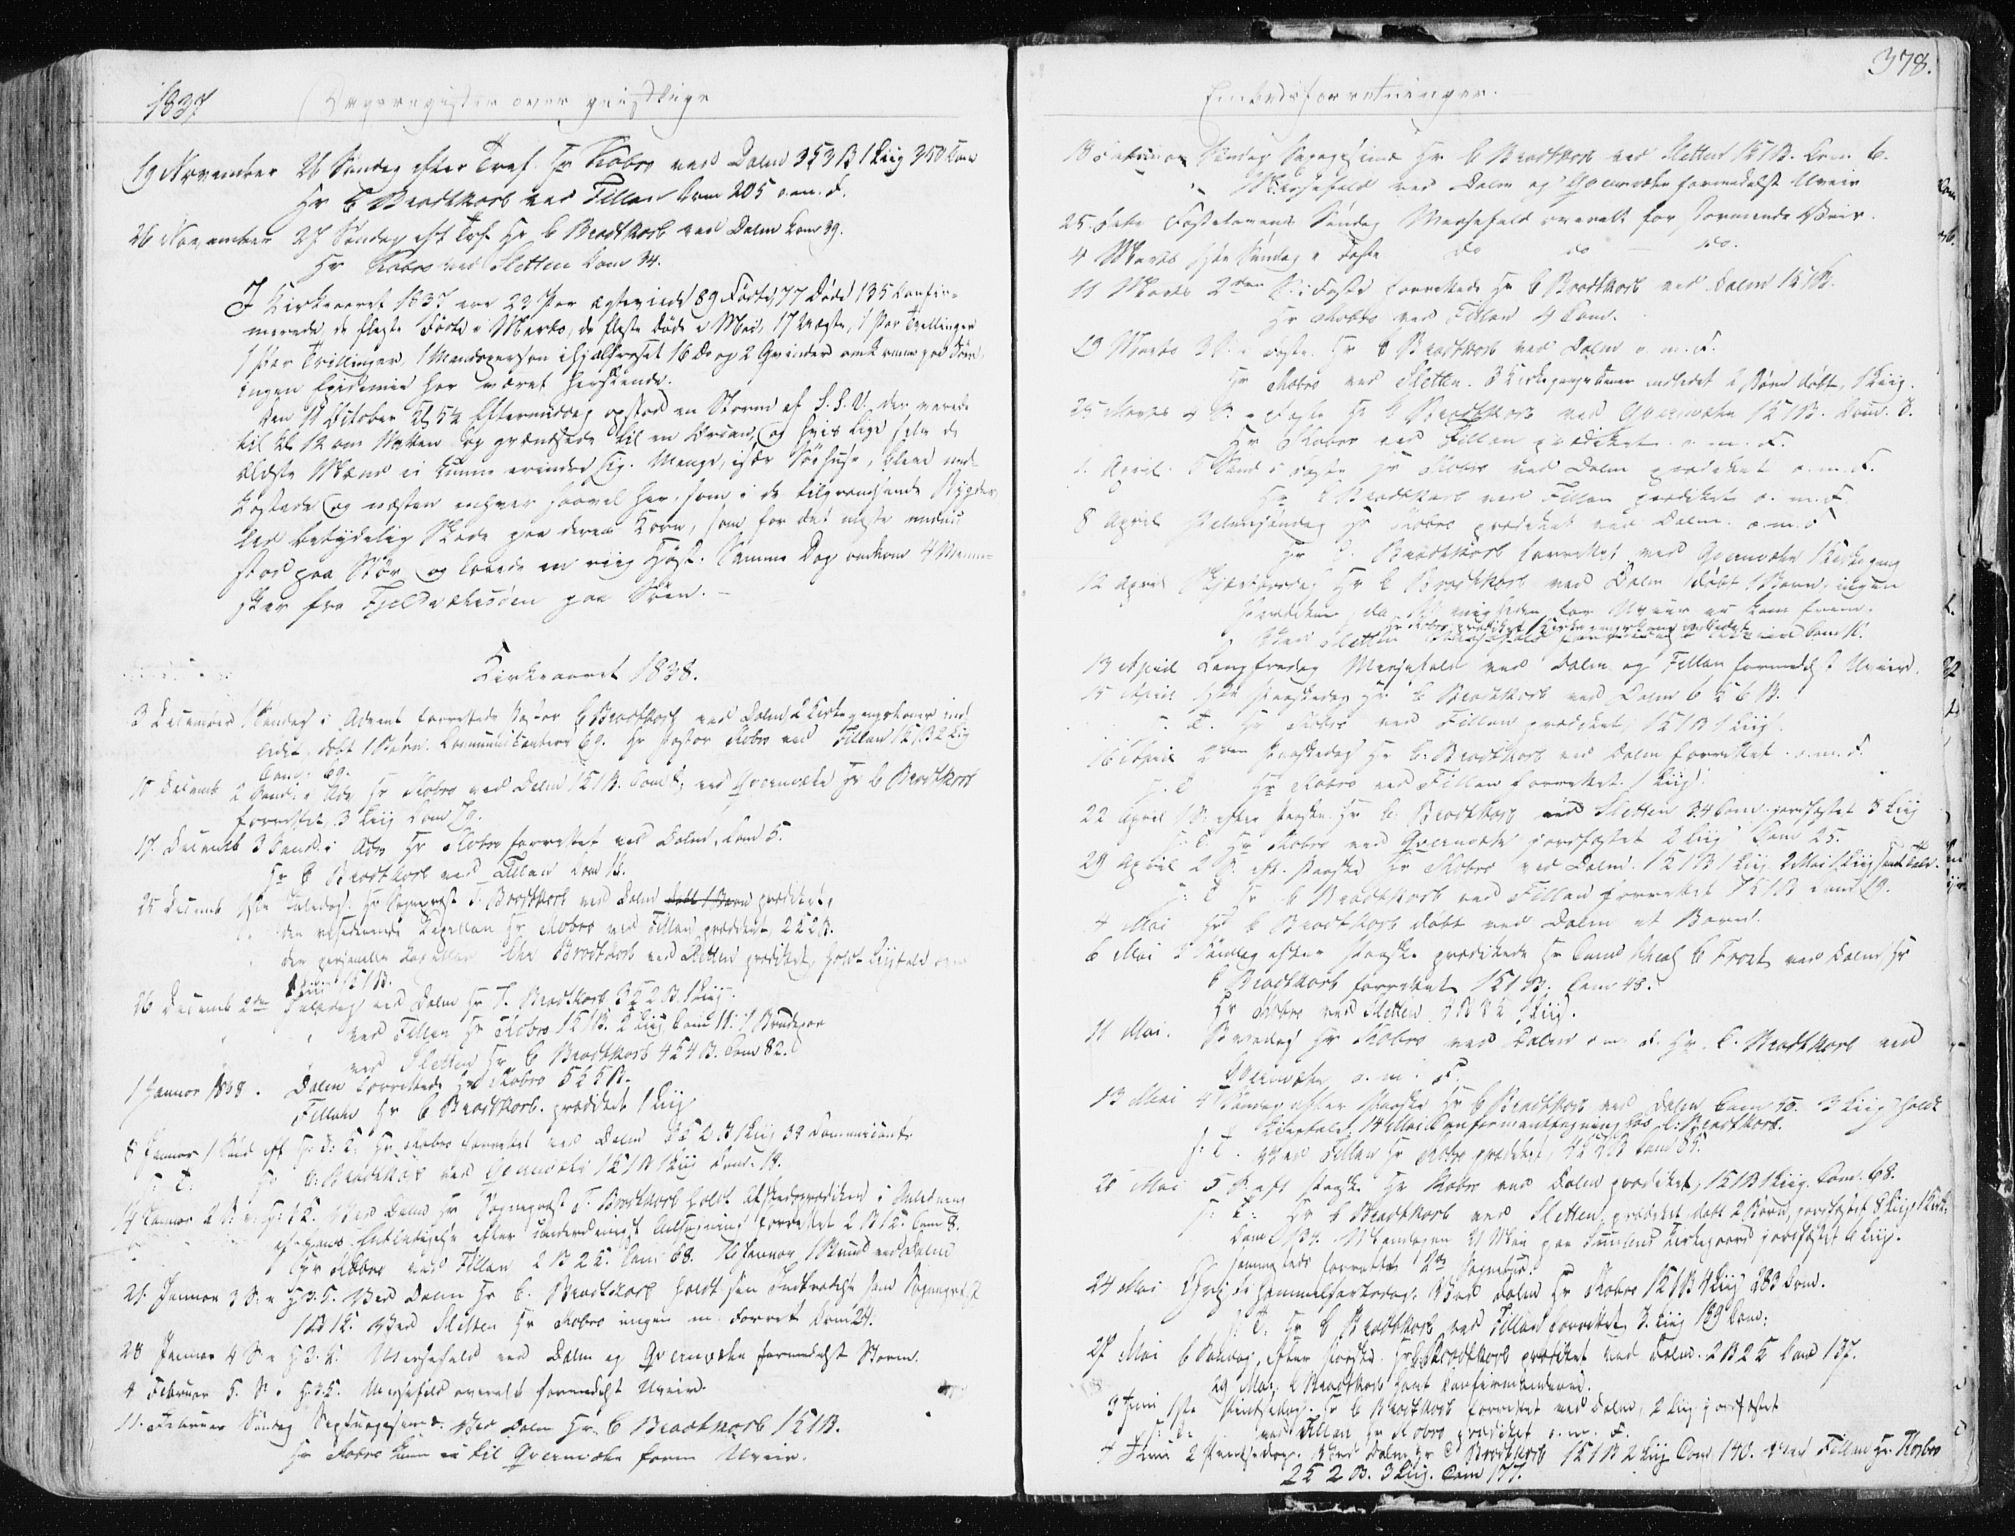 SAT, Ministerialprotokoller, klokkerbøker og fødselsregistre - Sør-Trøndelag, 634/L0528: Ministerialbok nr. 634A04, 1827-1842, s. 378